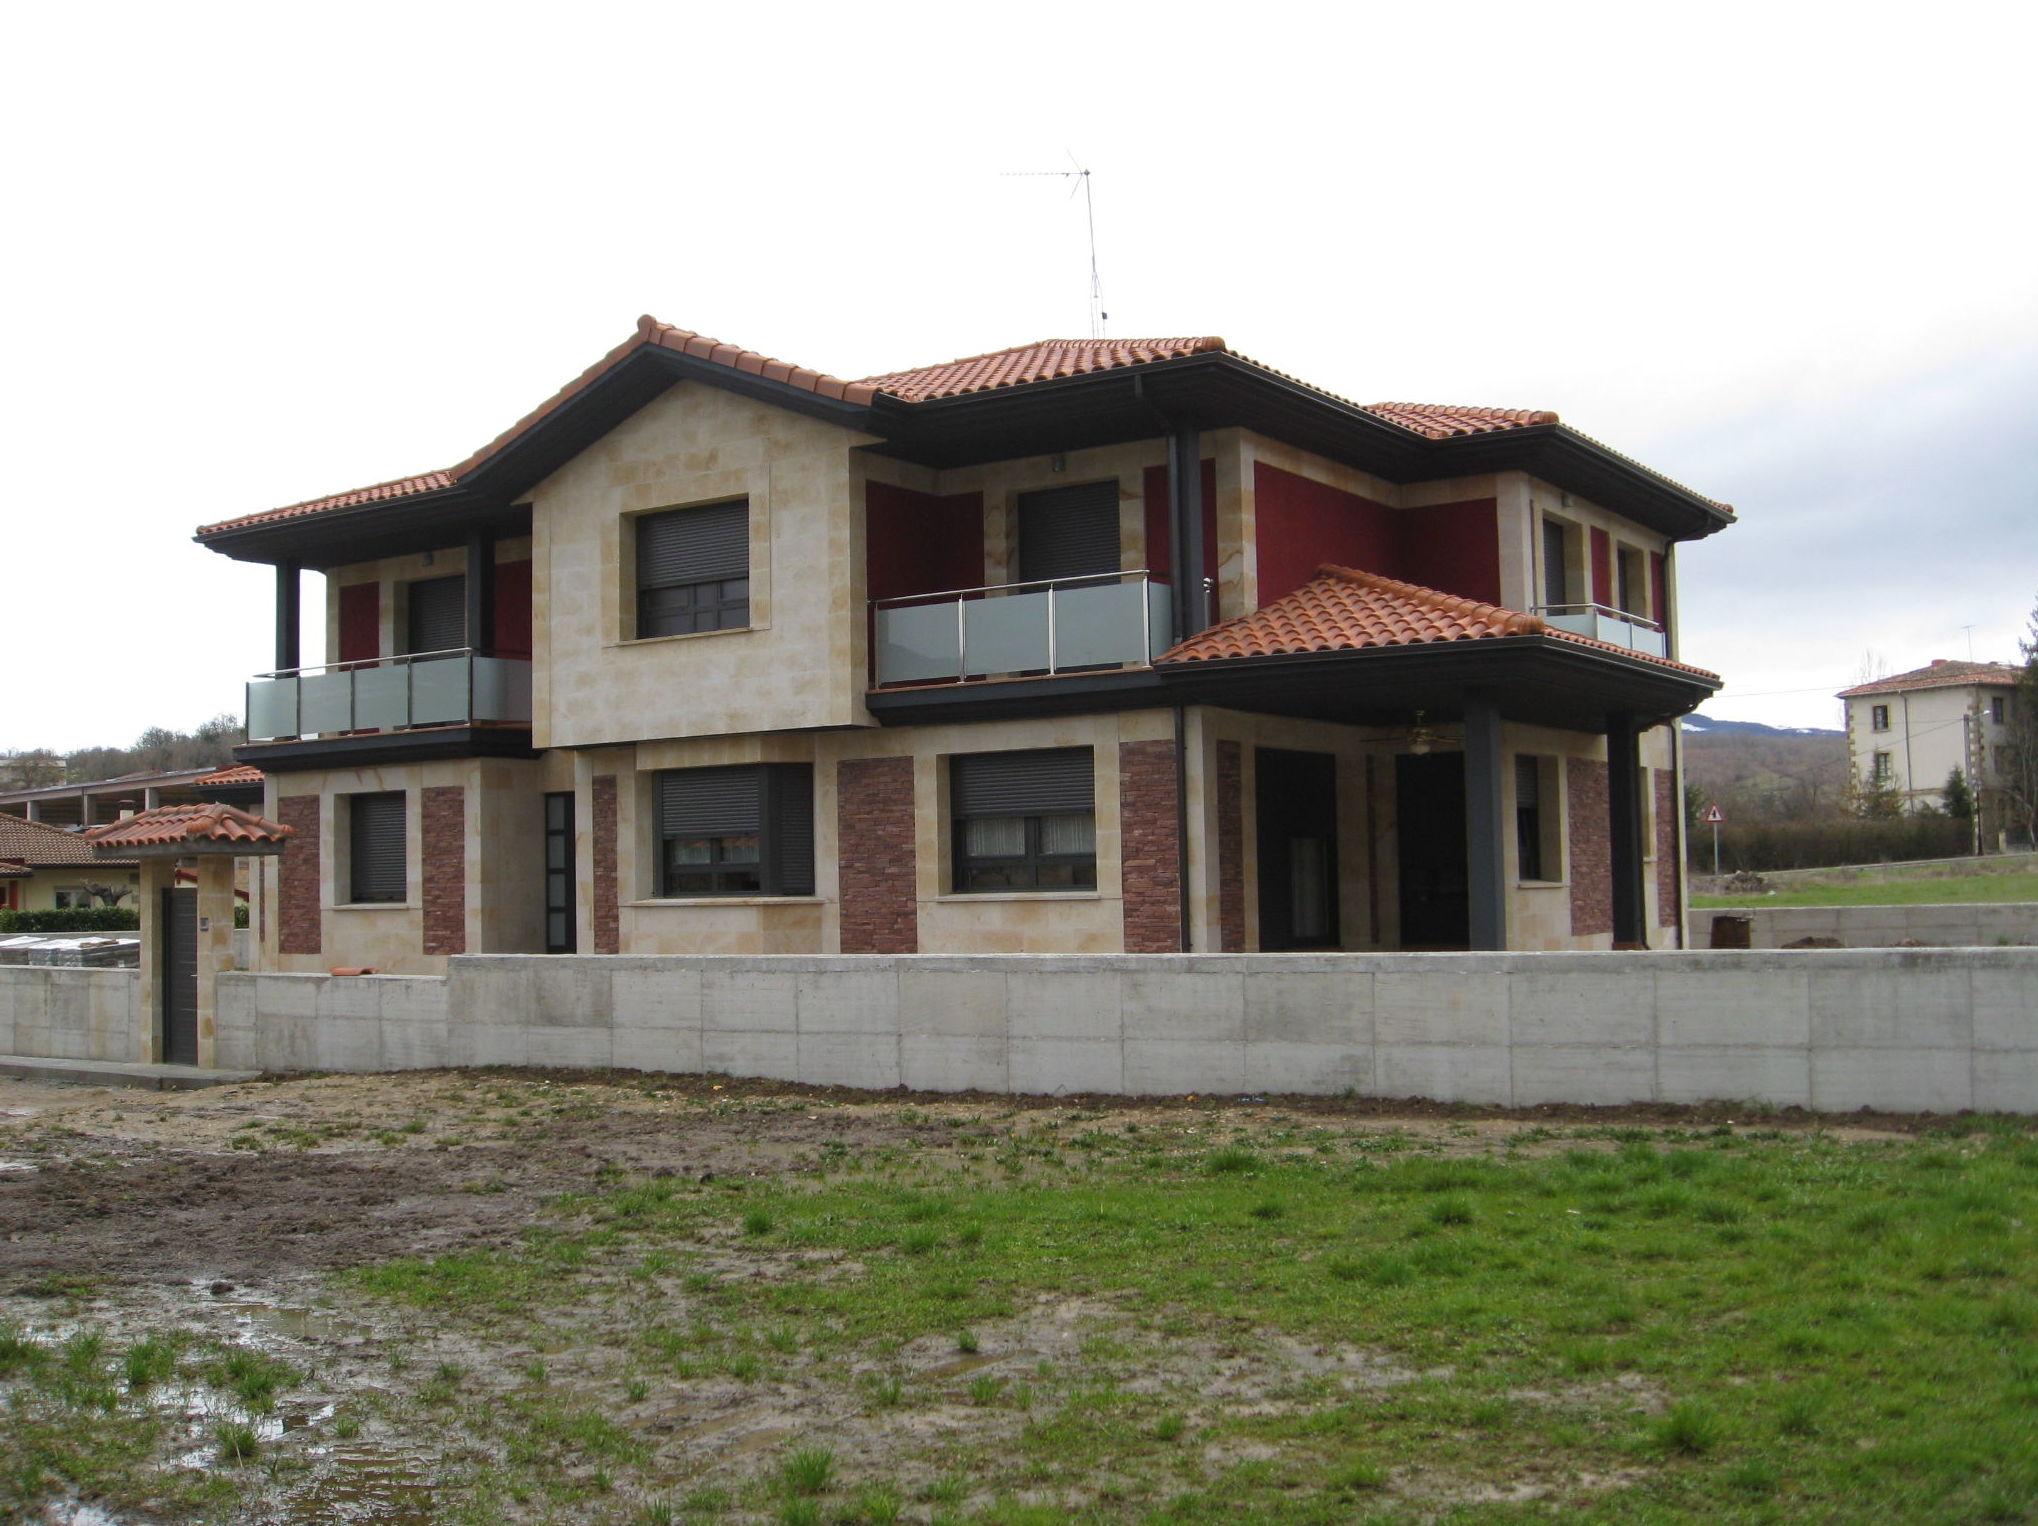 Vivienda unifamiliar - Santelices de Valdeporres (Burgos)